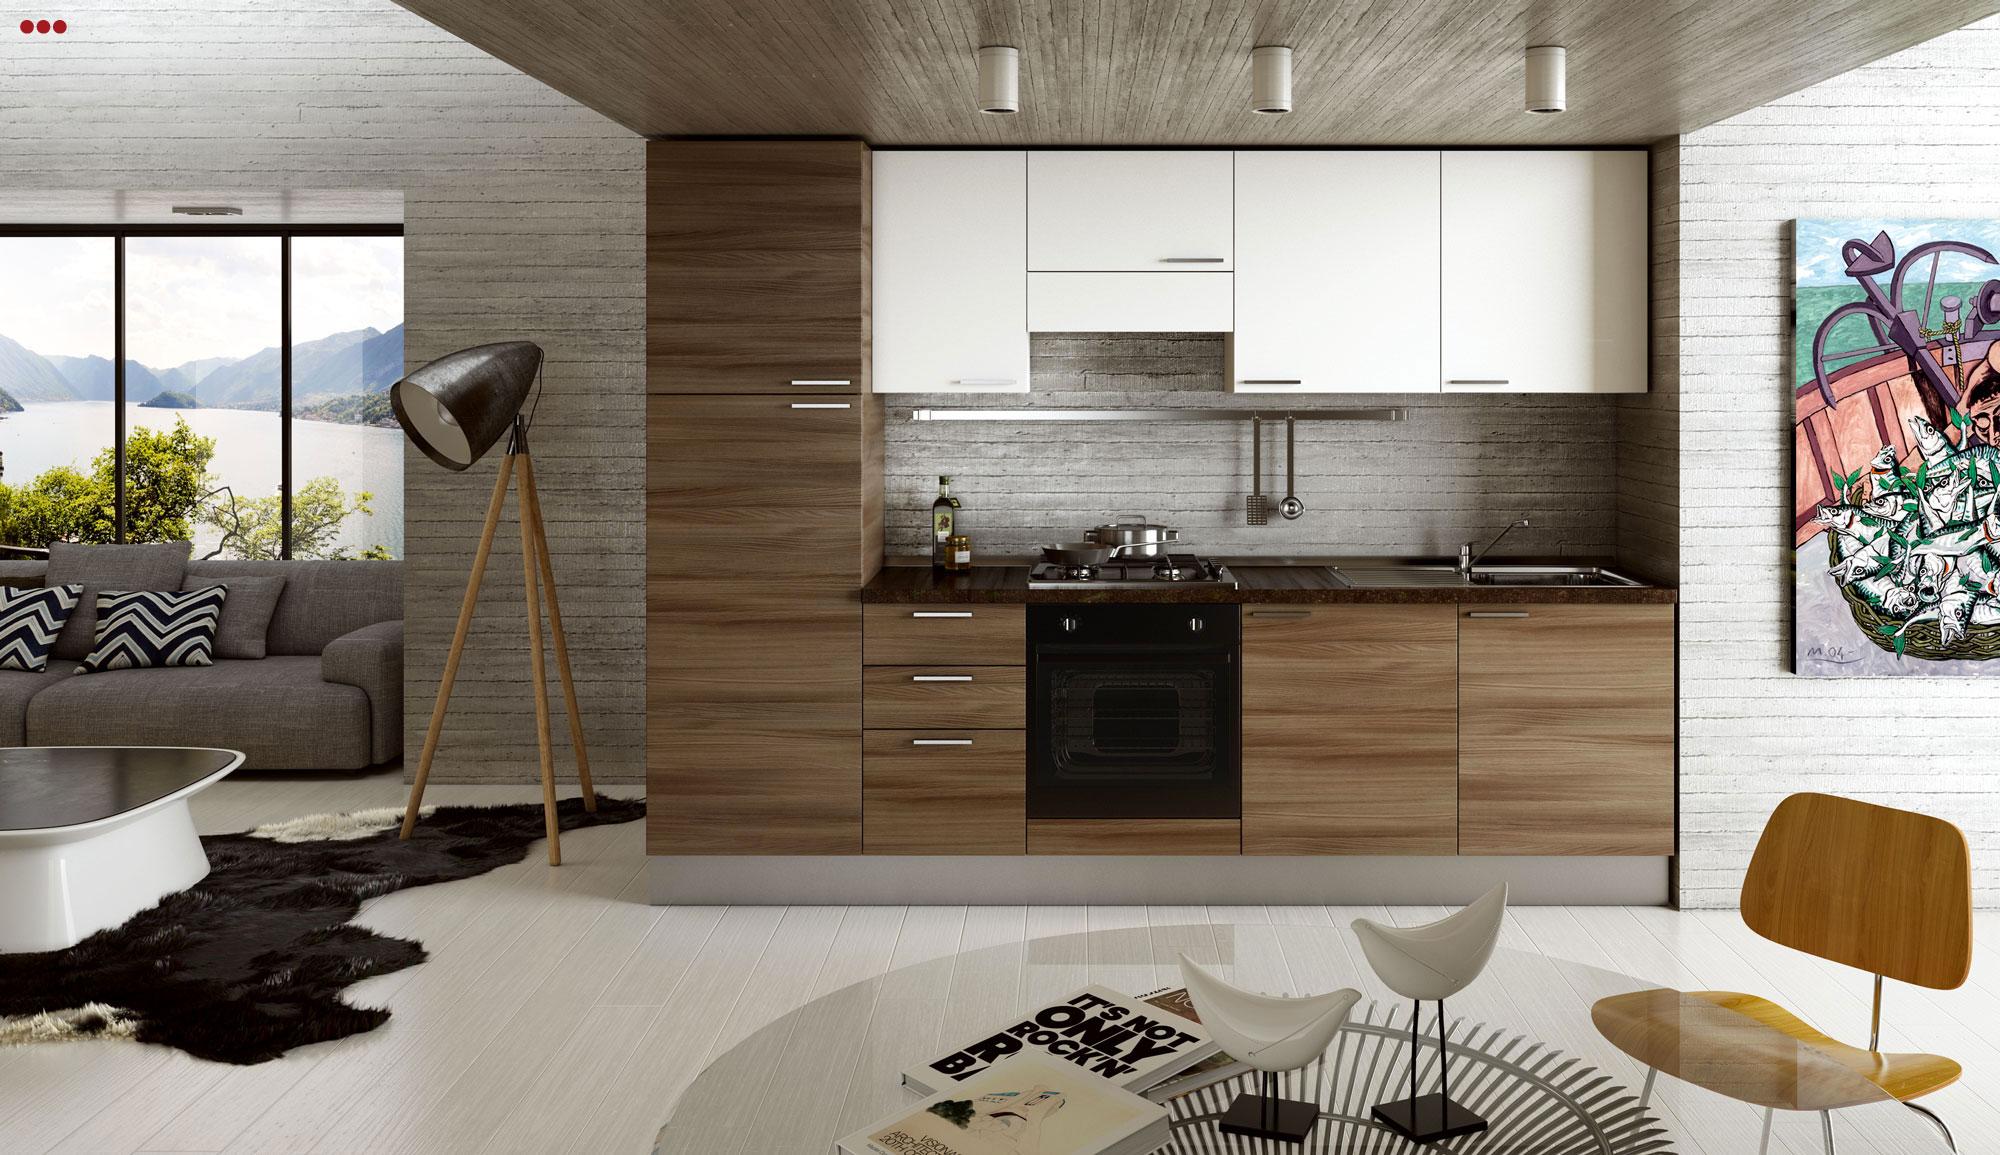 3D Studio Bartolini progettazione grafica rendering modeling cucine quadra rimini 2